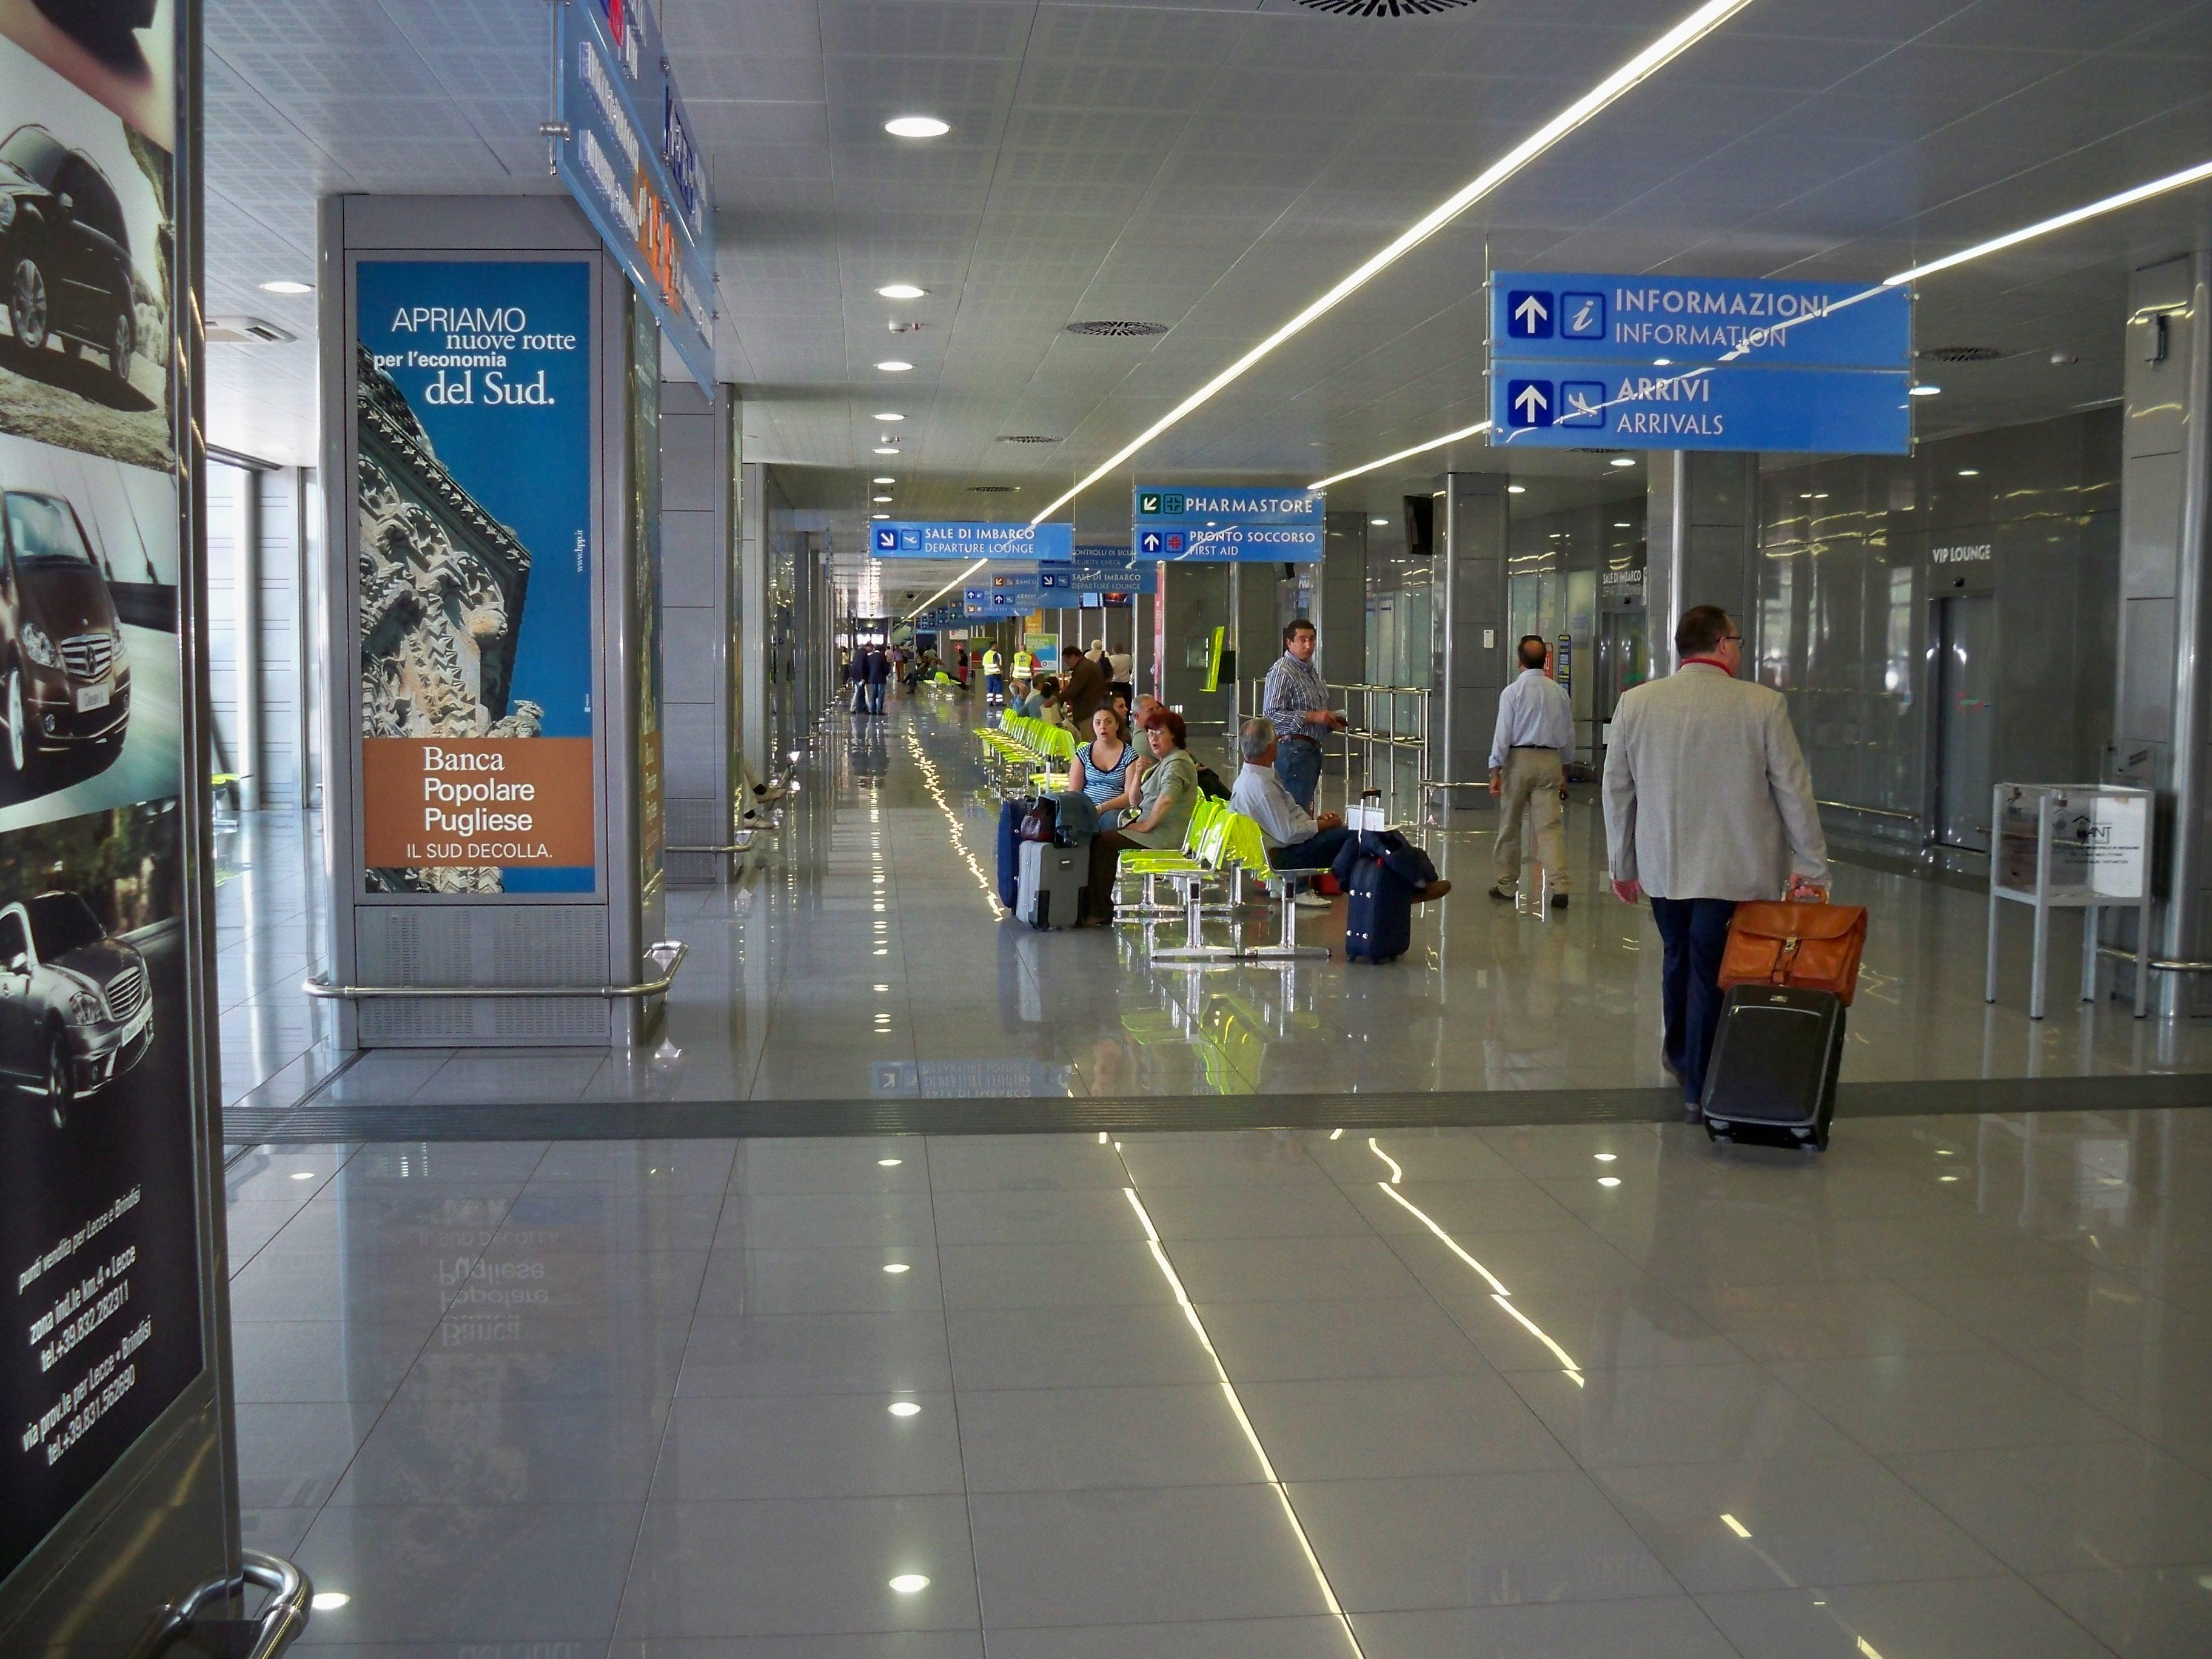 Terrore a Brindisi, evacuato per allarme bomba l'aeroporto, caos e fuggi fuggi tra i passeggeri